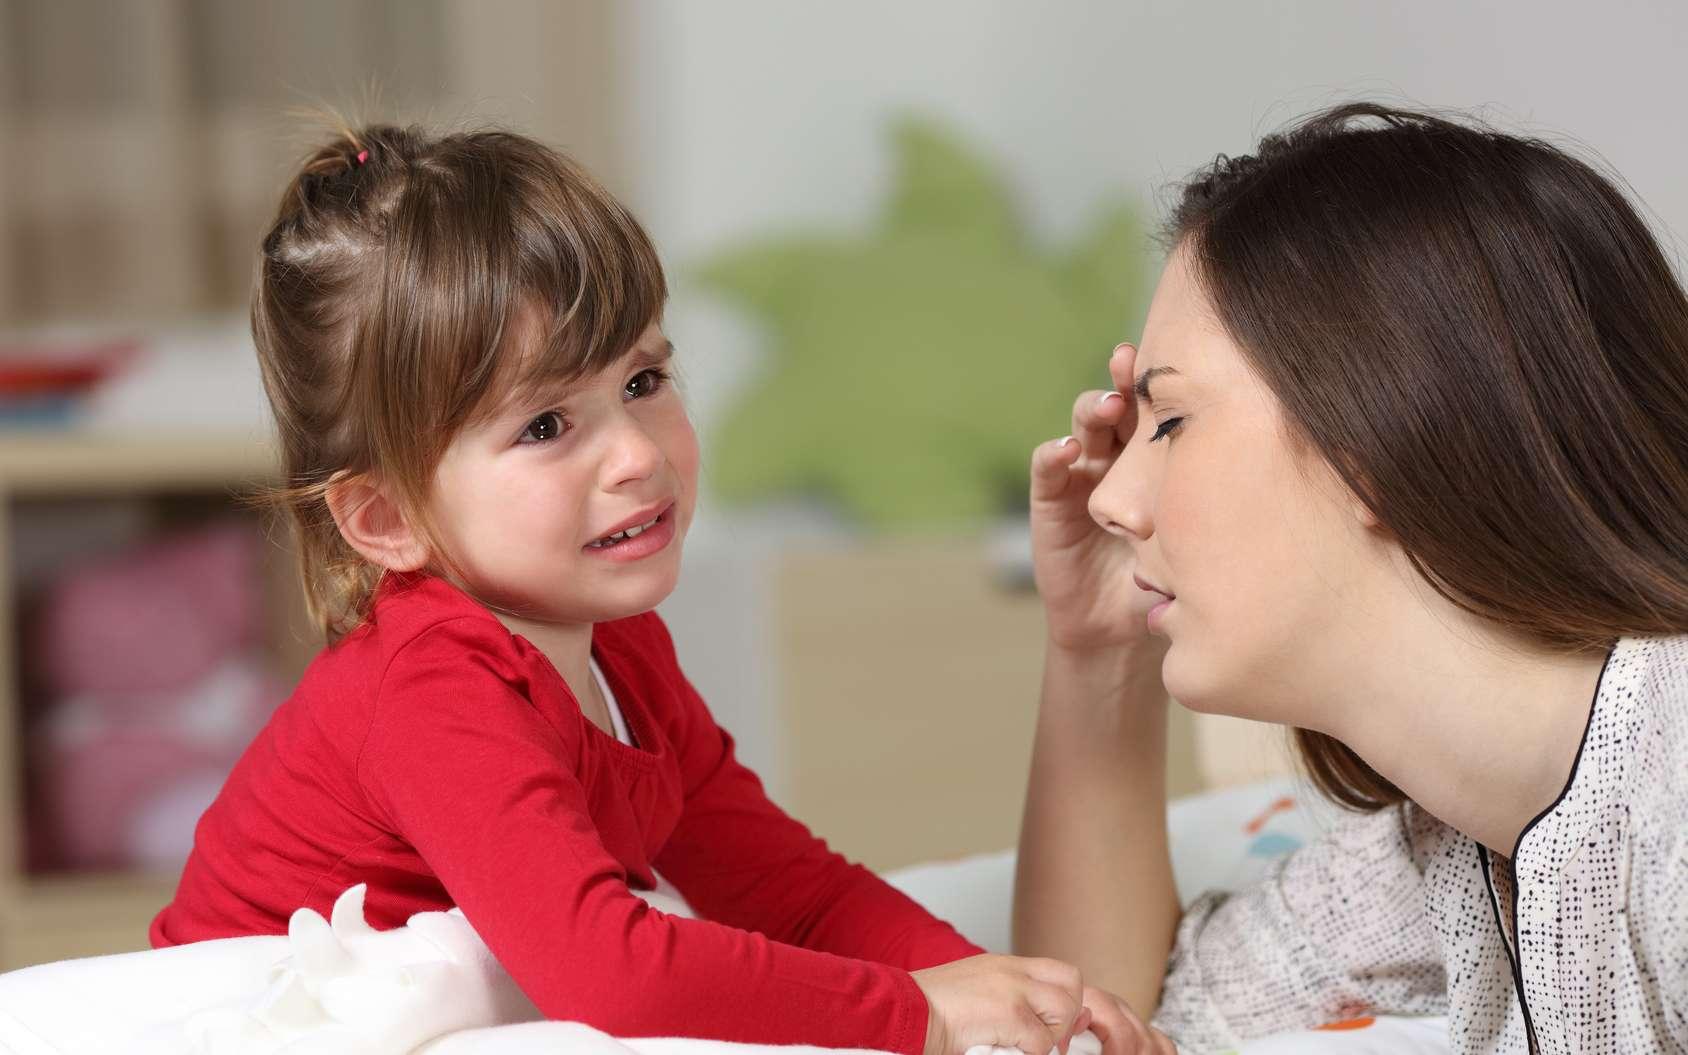 Un enfant de 2 ans peut se sentir stressé si l'un de ses parents n'est pas assez présent. Si certaines plantes ont des vertus apaisantes, il faut surtout identifier l'origine du mal-être. © Antonioguillem, fotolia